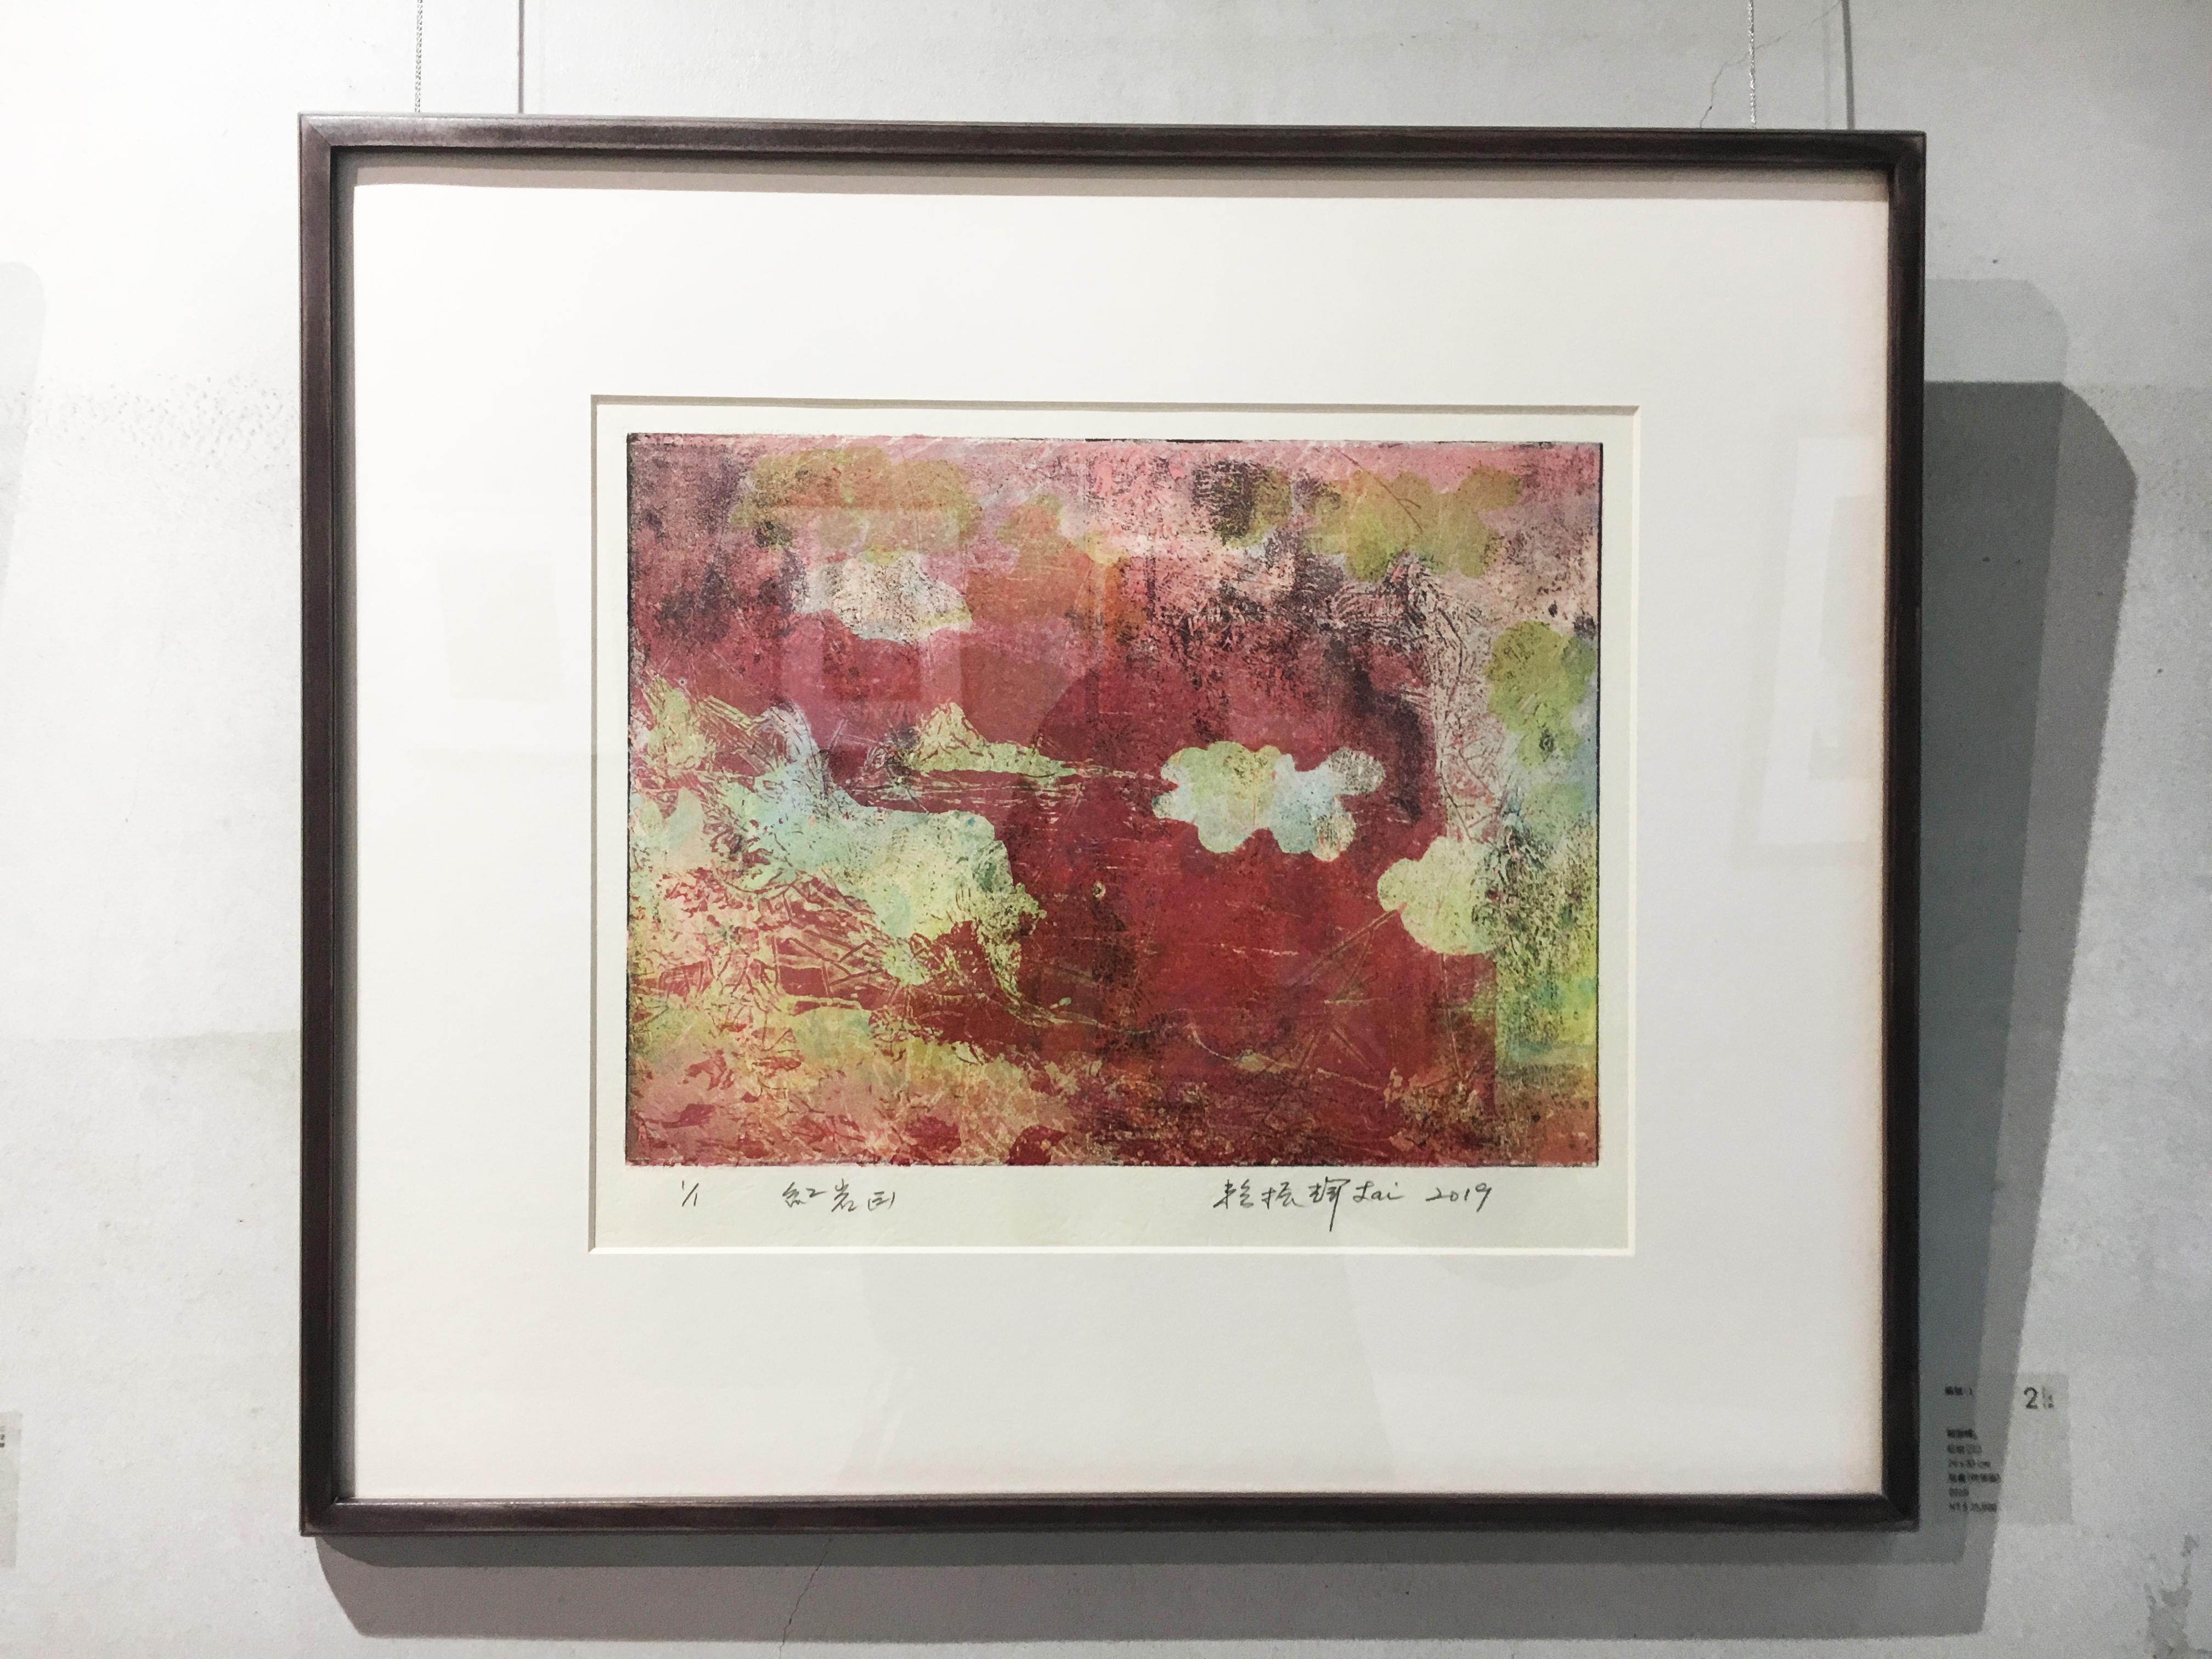 賴振輝,《紅岩(三)》,版畫(木刻絹印),2019。